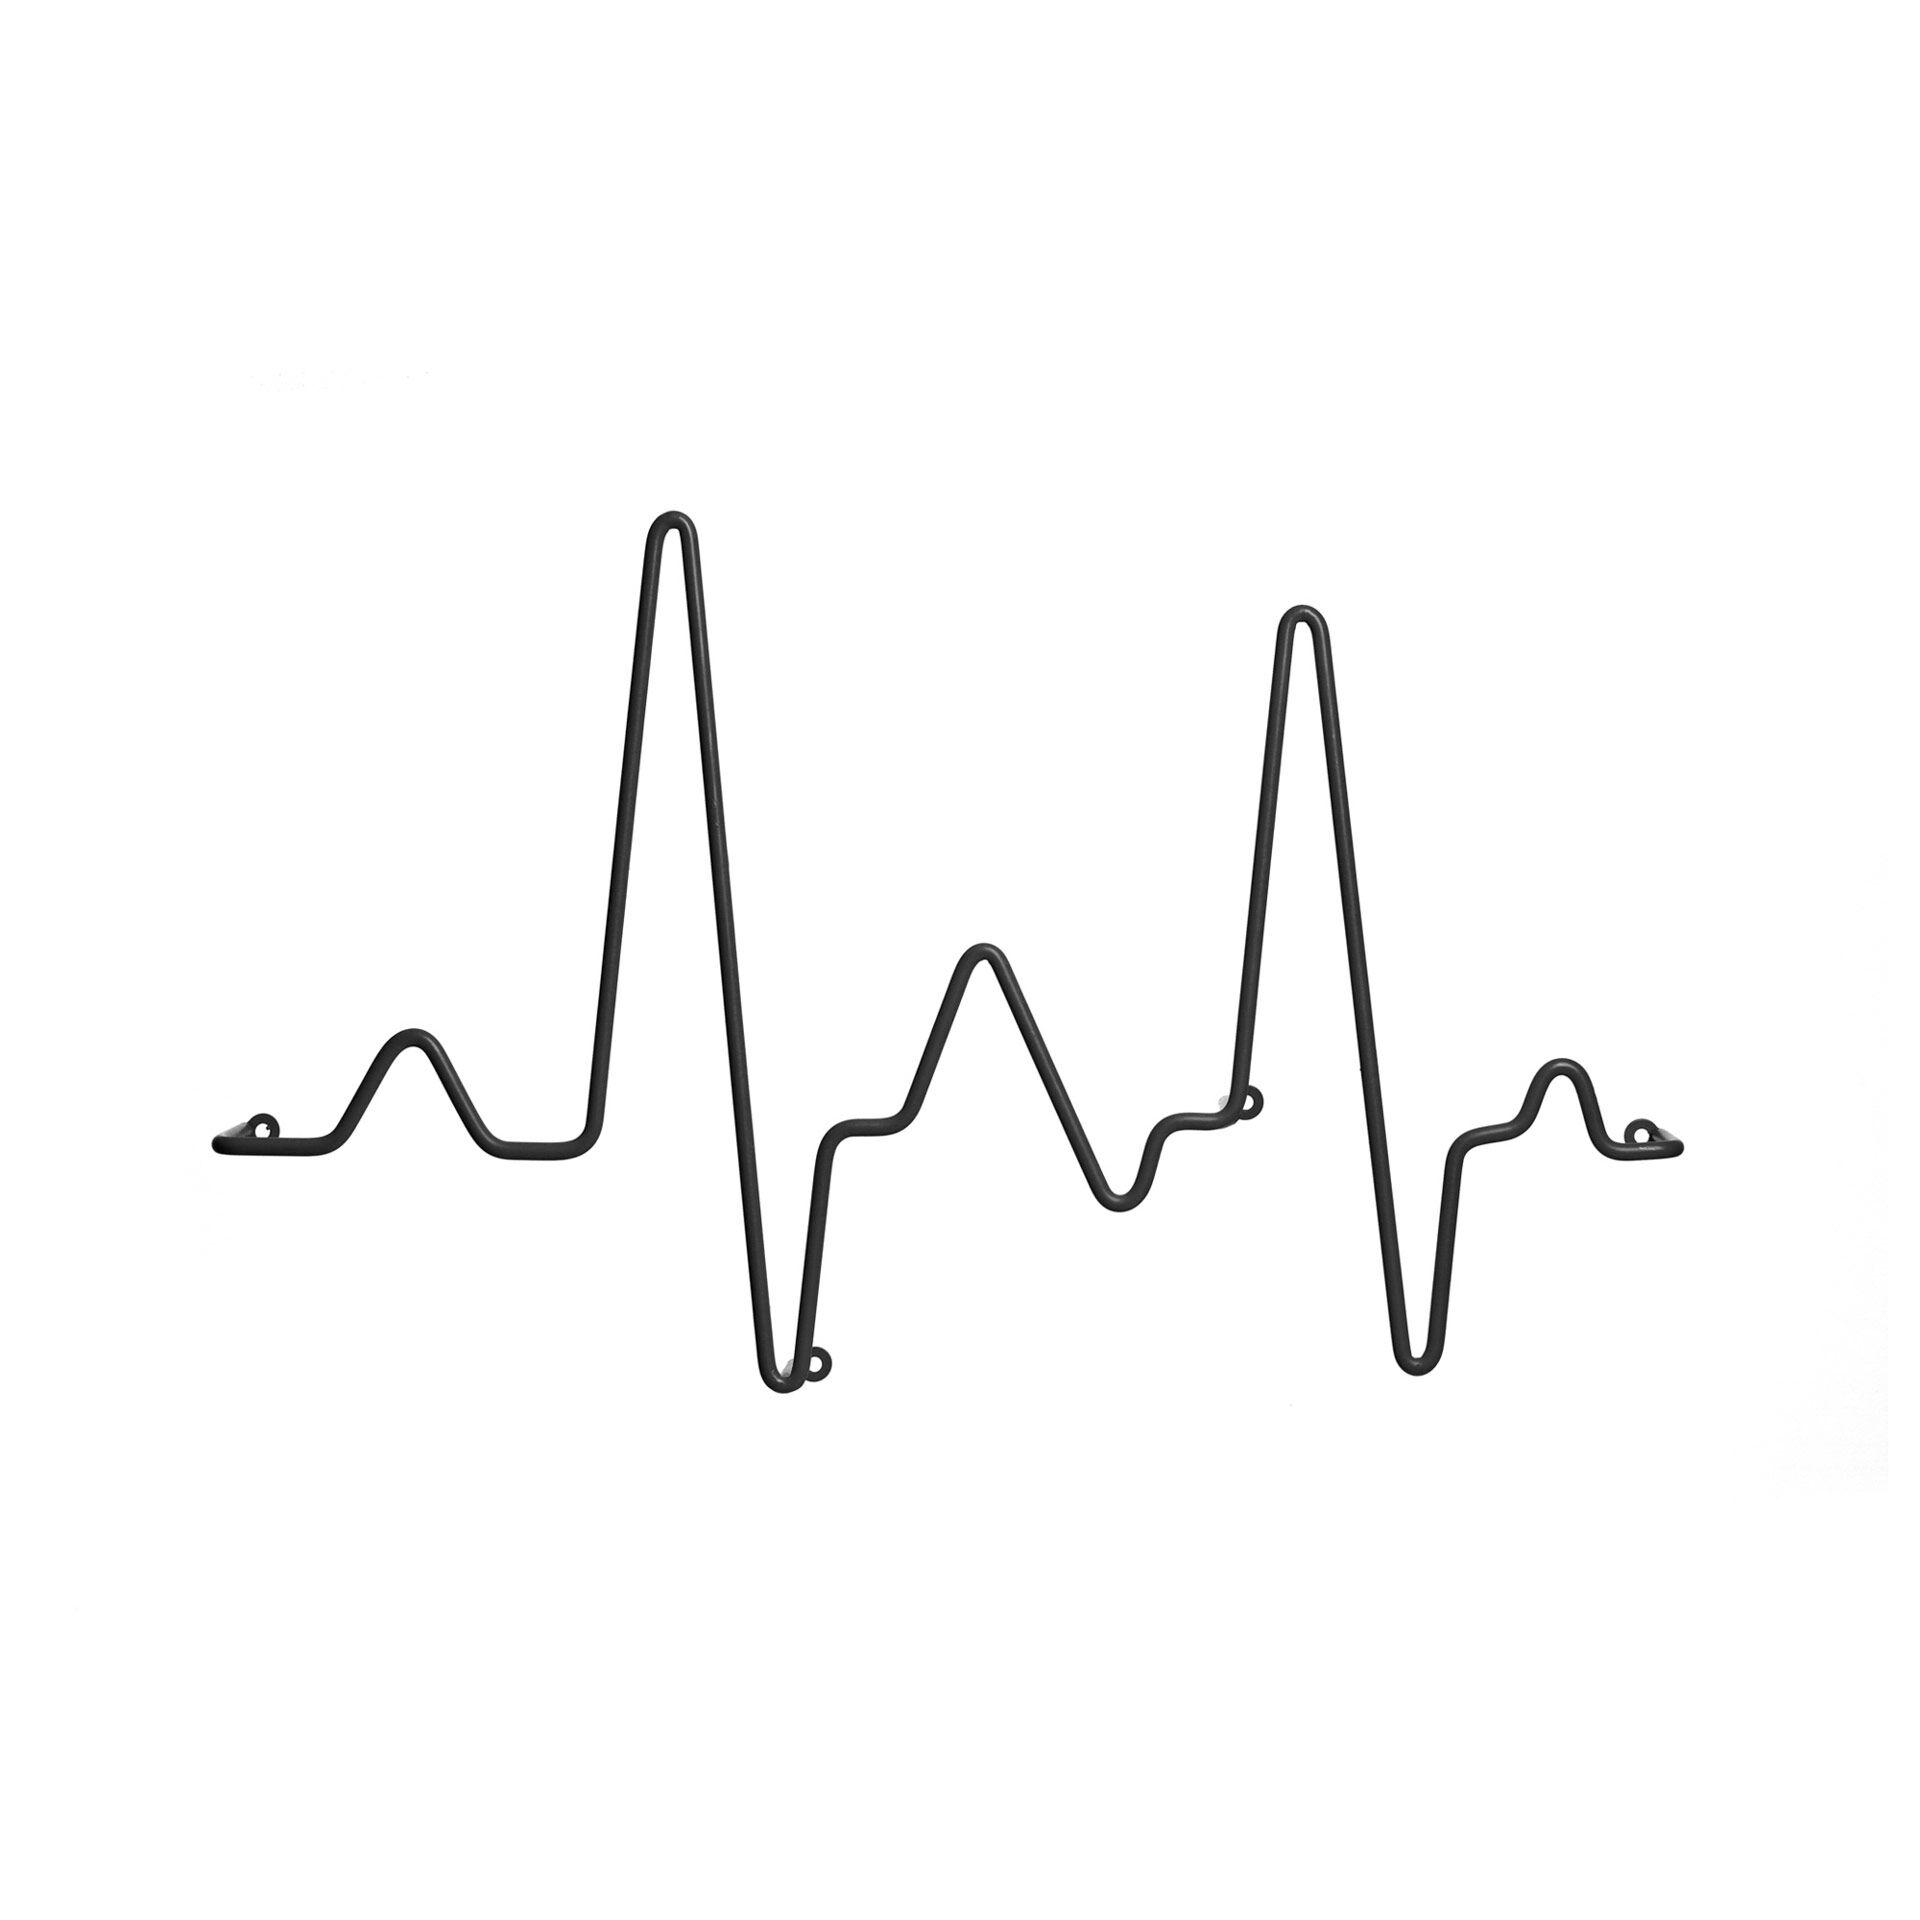 Cintre mural électrocardiogramme Cardio Rack, , large